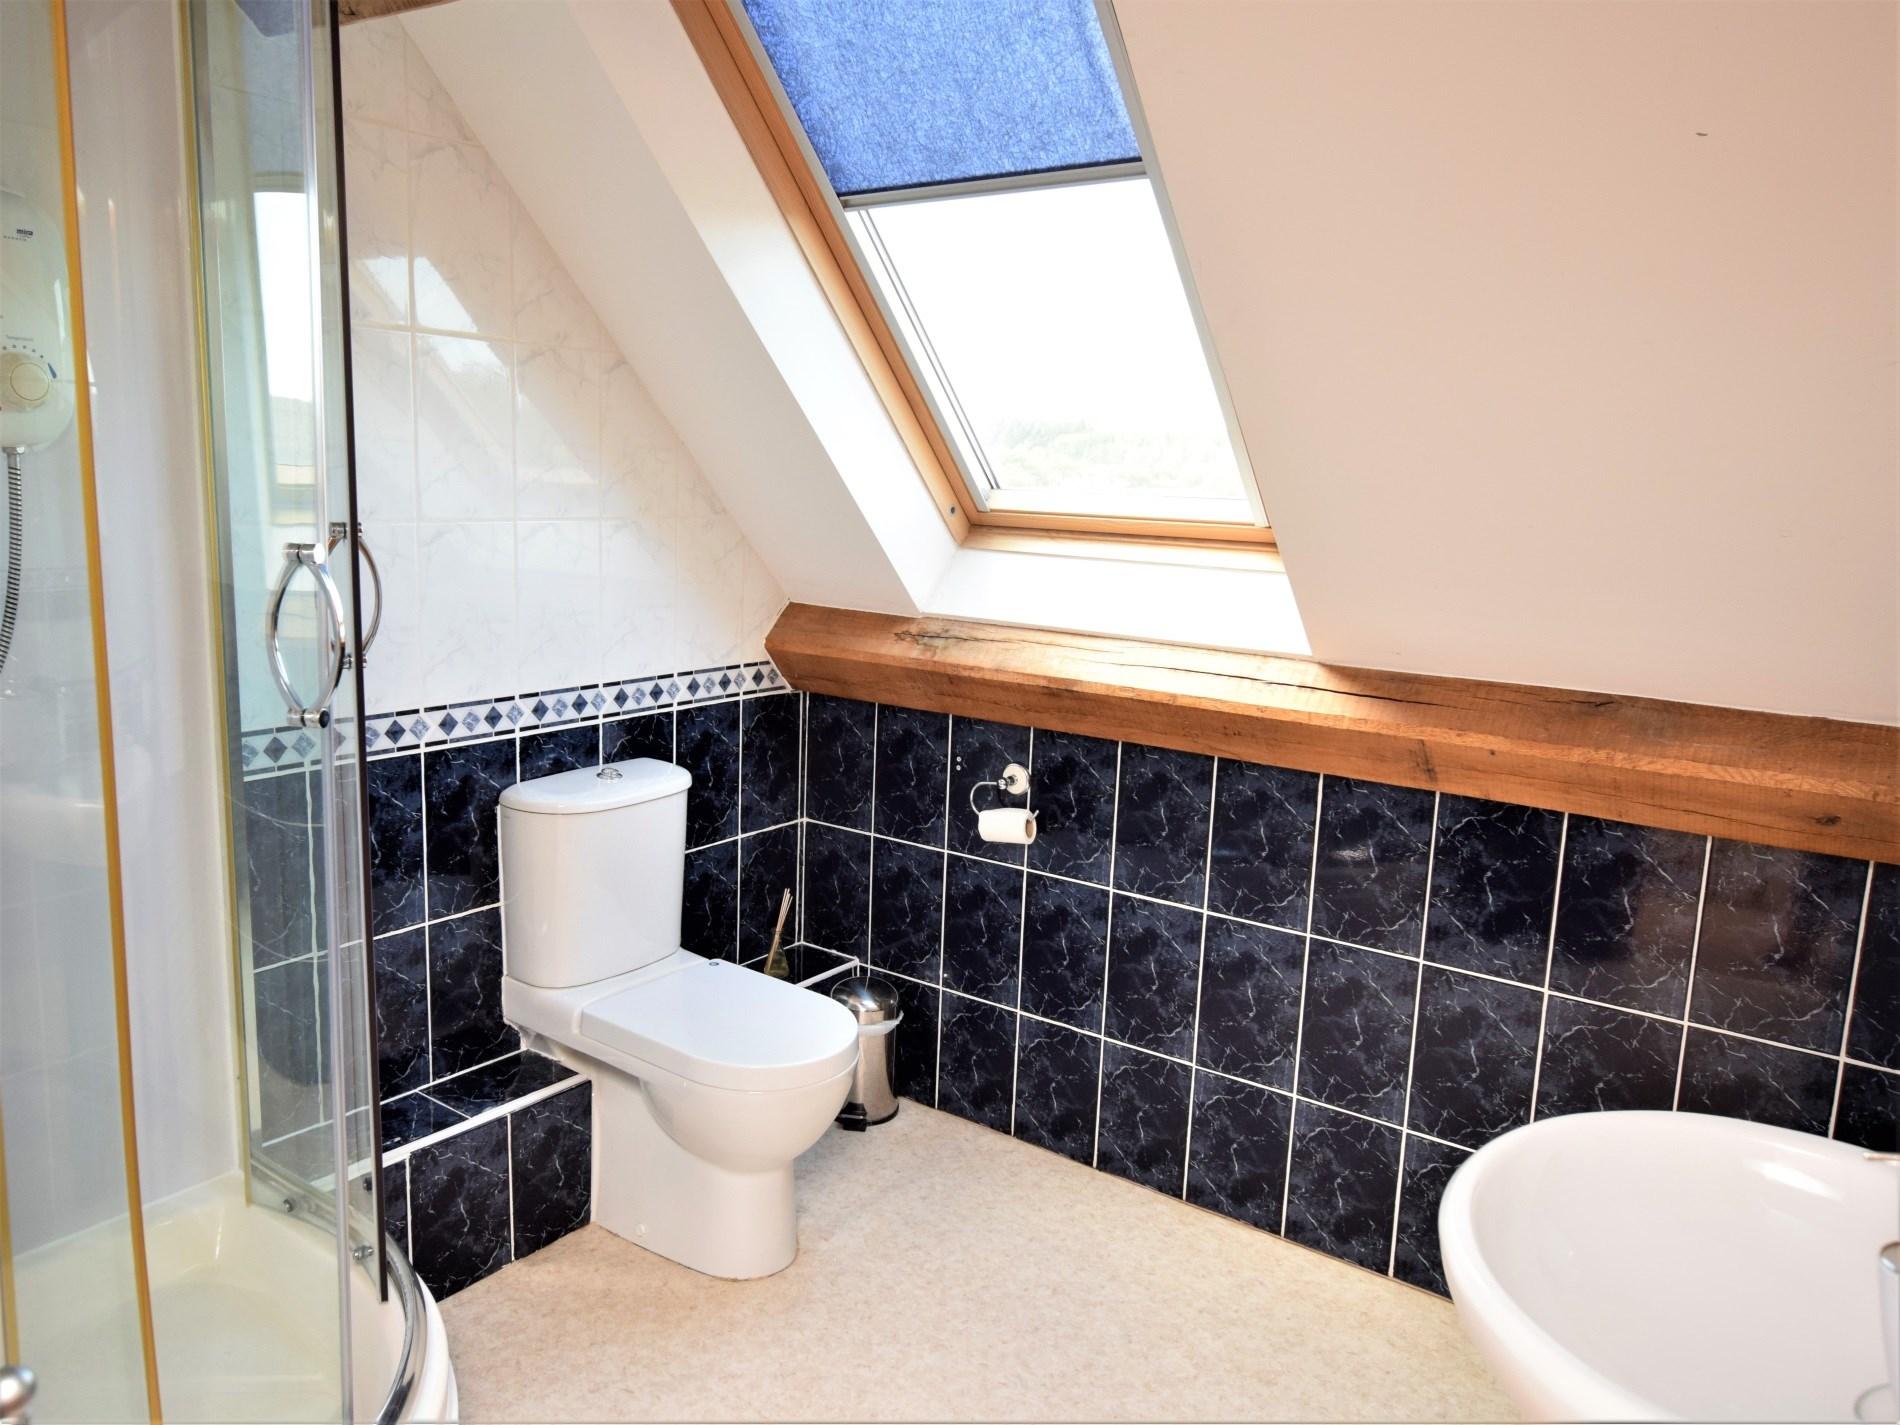 Shower room on the top floor